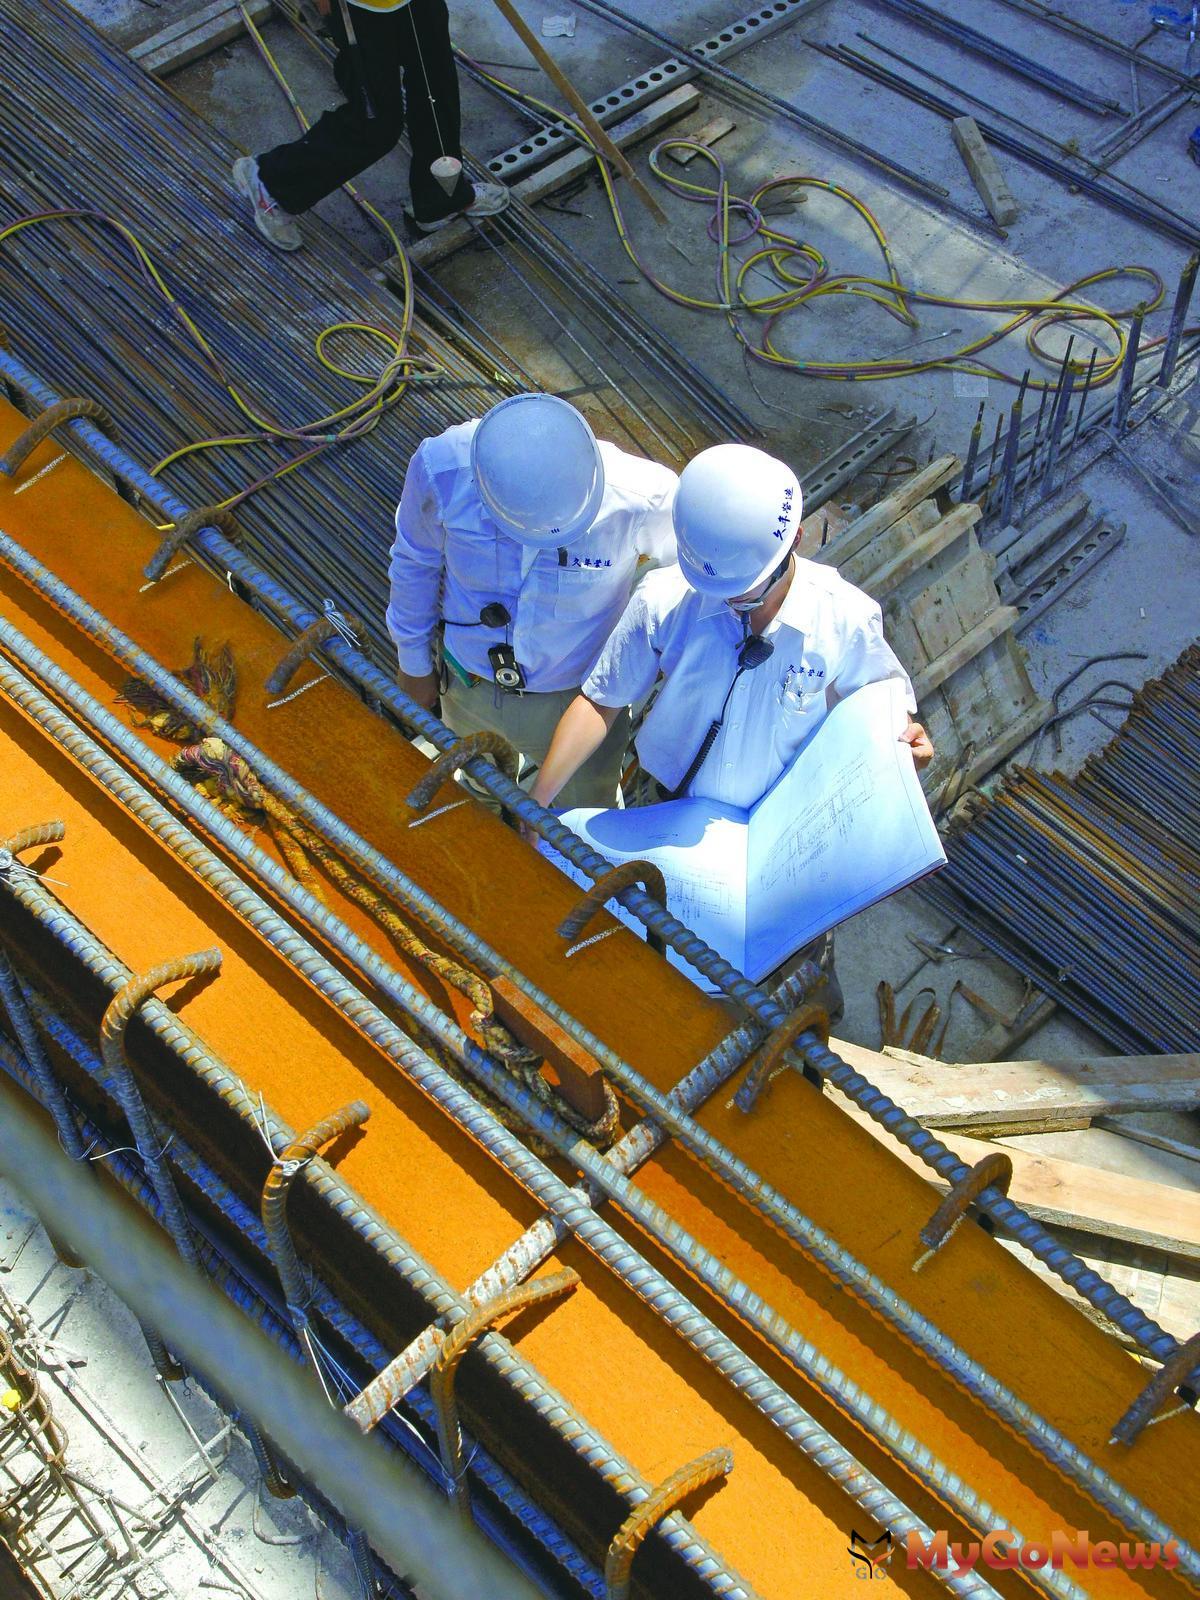 「耐震標章」會由察證機構(國立台灣大學地震工程研究中心)組成察證小組針對「久年銀座」進行一致性的證實與確認作業。還必須增加一位5年以上結構資歷(含工地經驗3年)的「特別監督人」進行現場實地雙重查驗。 MyGoNews房地產新聞 專題報導